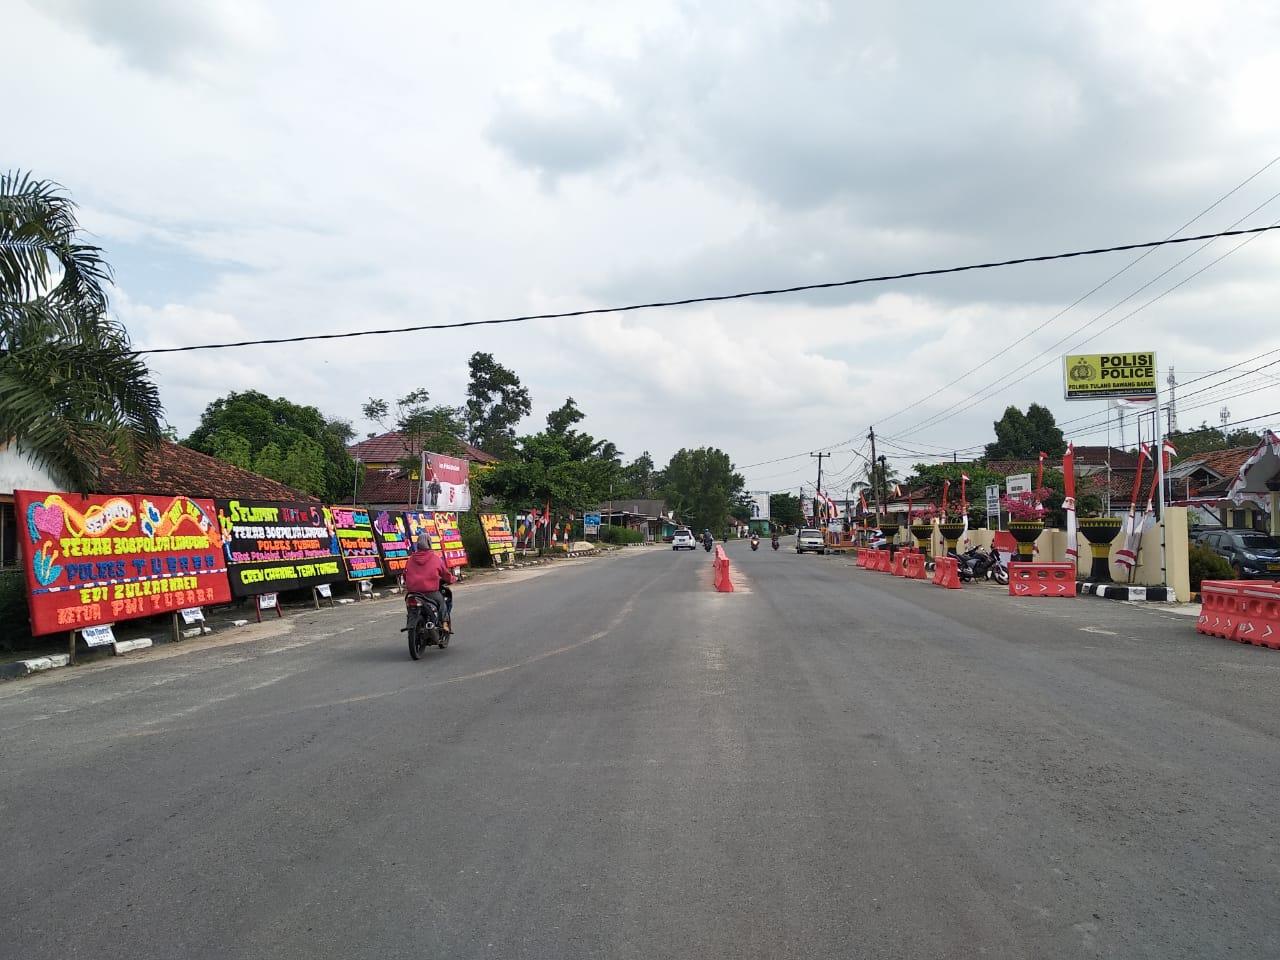 Hari Jadi Ke-5, Tekab 308 Tubaba Banjir Ucapan Selamat dan Dukungan